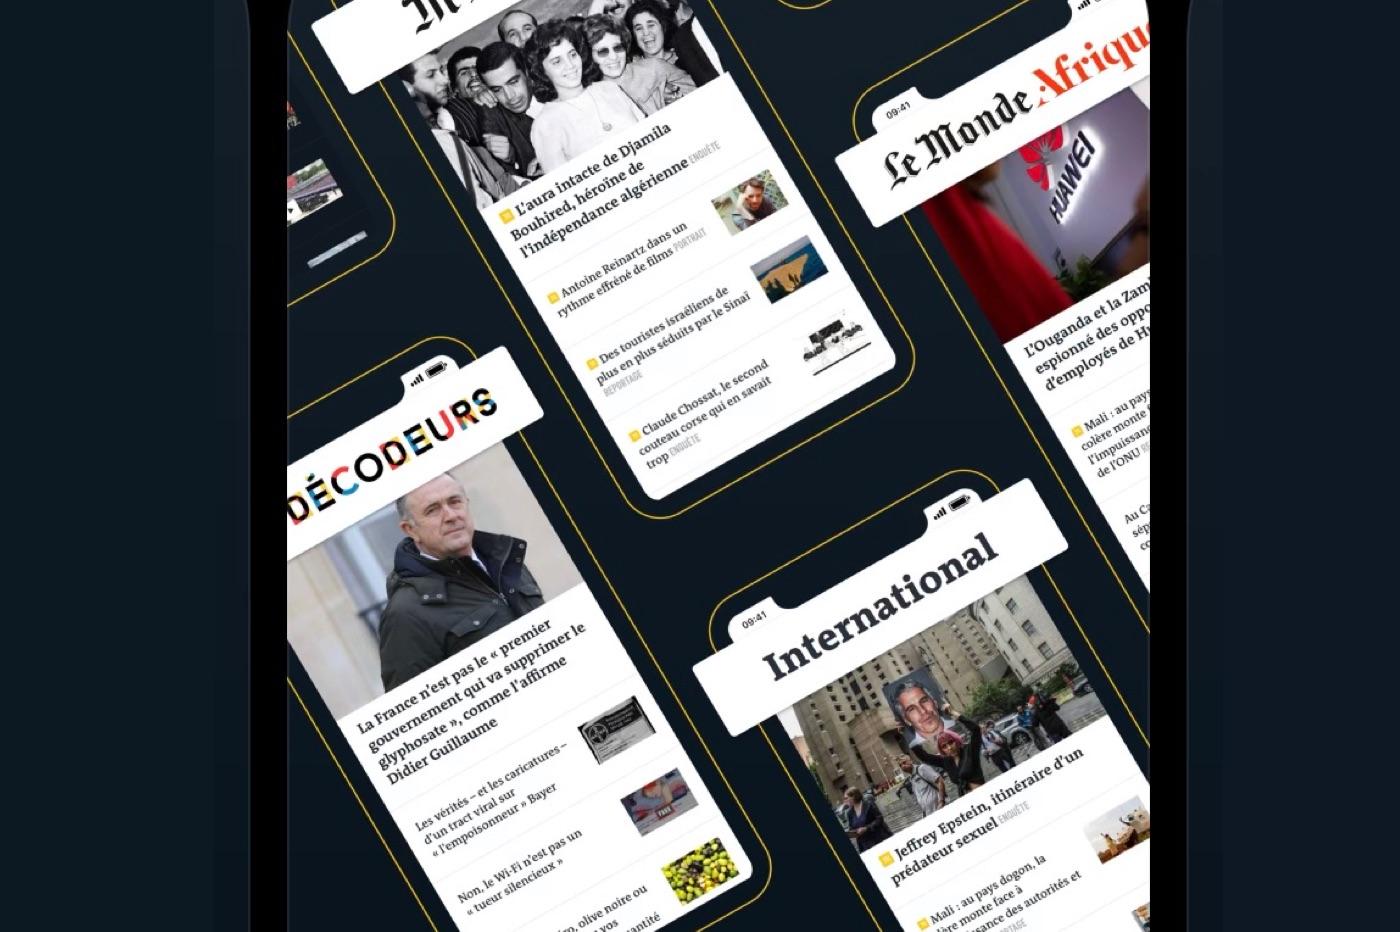 Le Monde app iOS